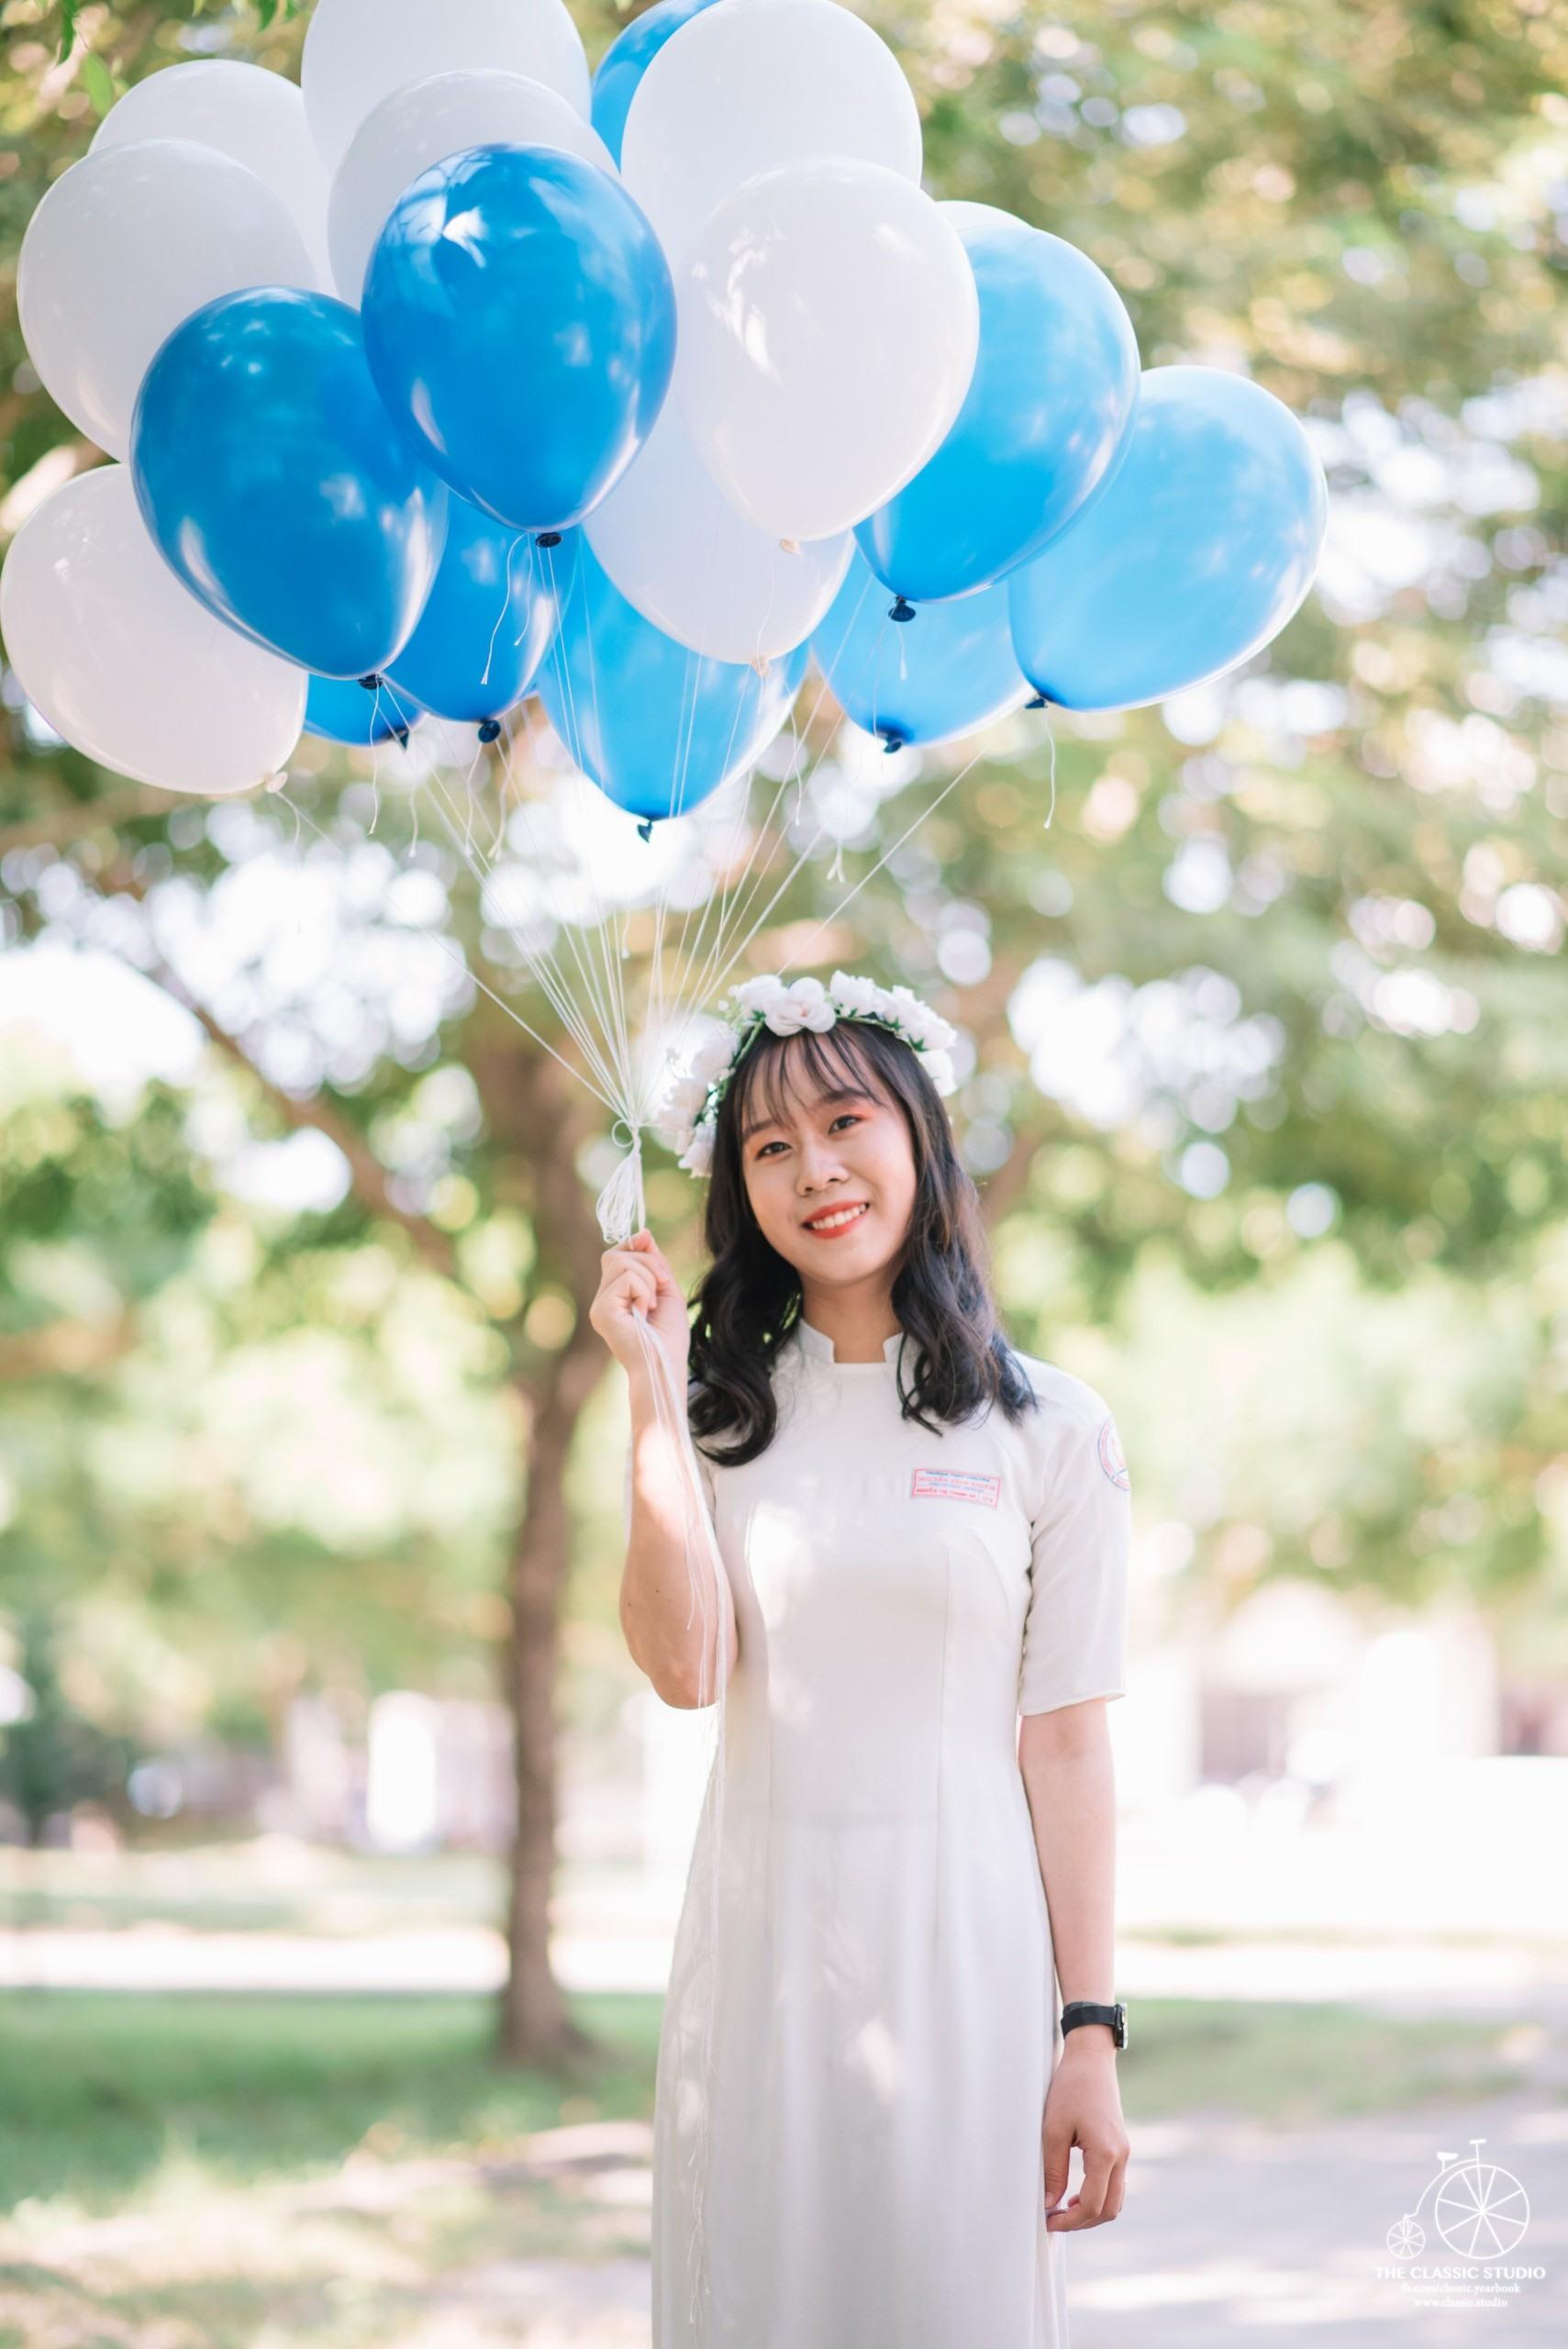 Nguyễn Thị Thanh Na - cô gái mê môn Lịch sử với giấc mơ làm luật sư tương lai. Ảnh: N.V.C.C